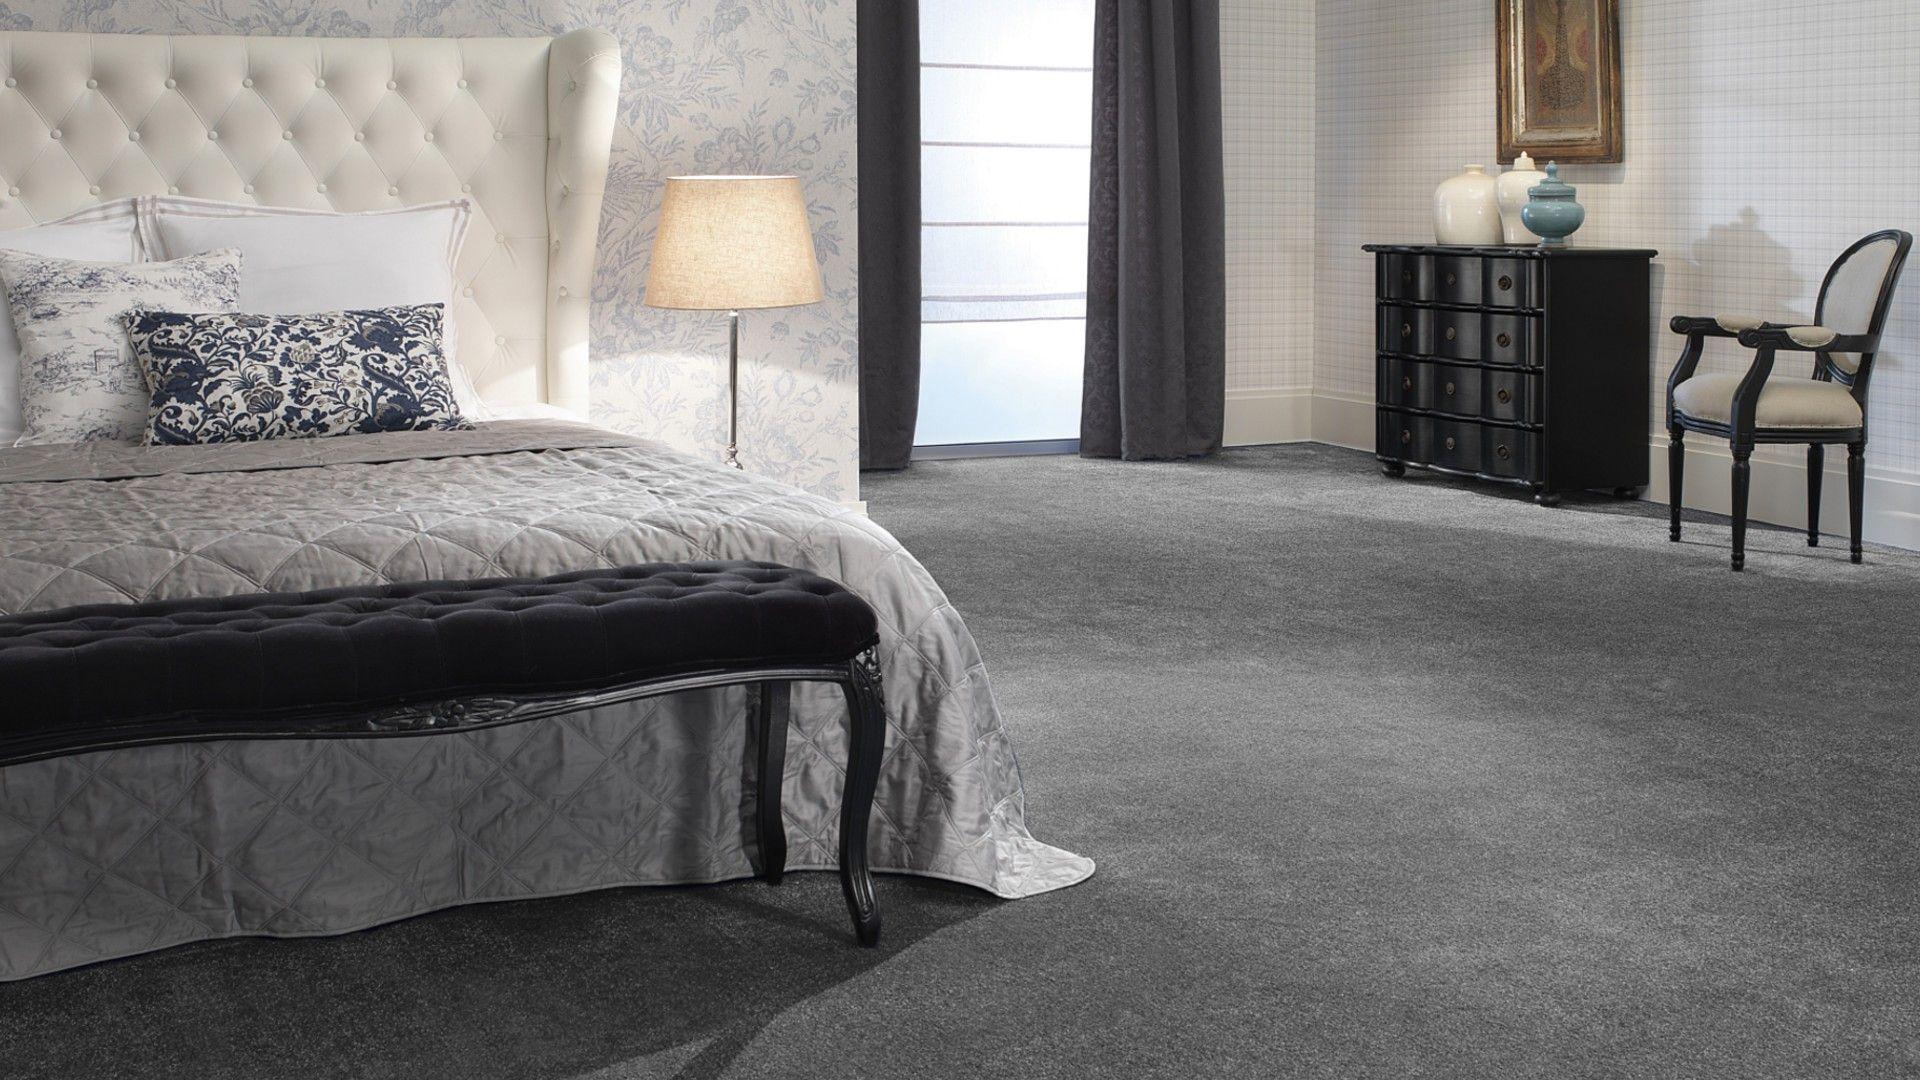 comment enlever du chewing gum sur un tapis ou une. Black Bedroom Furniture Sets. Home Design Ideas